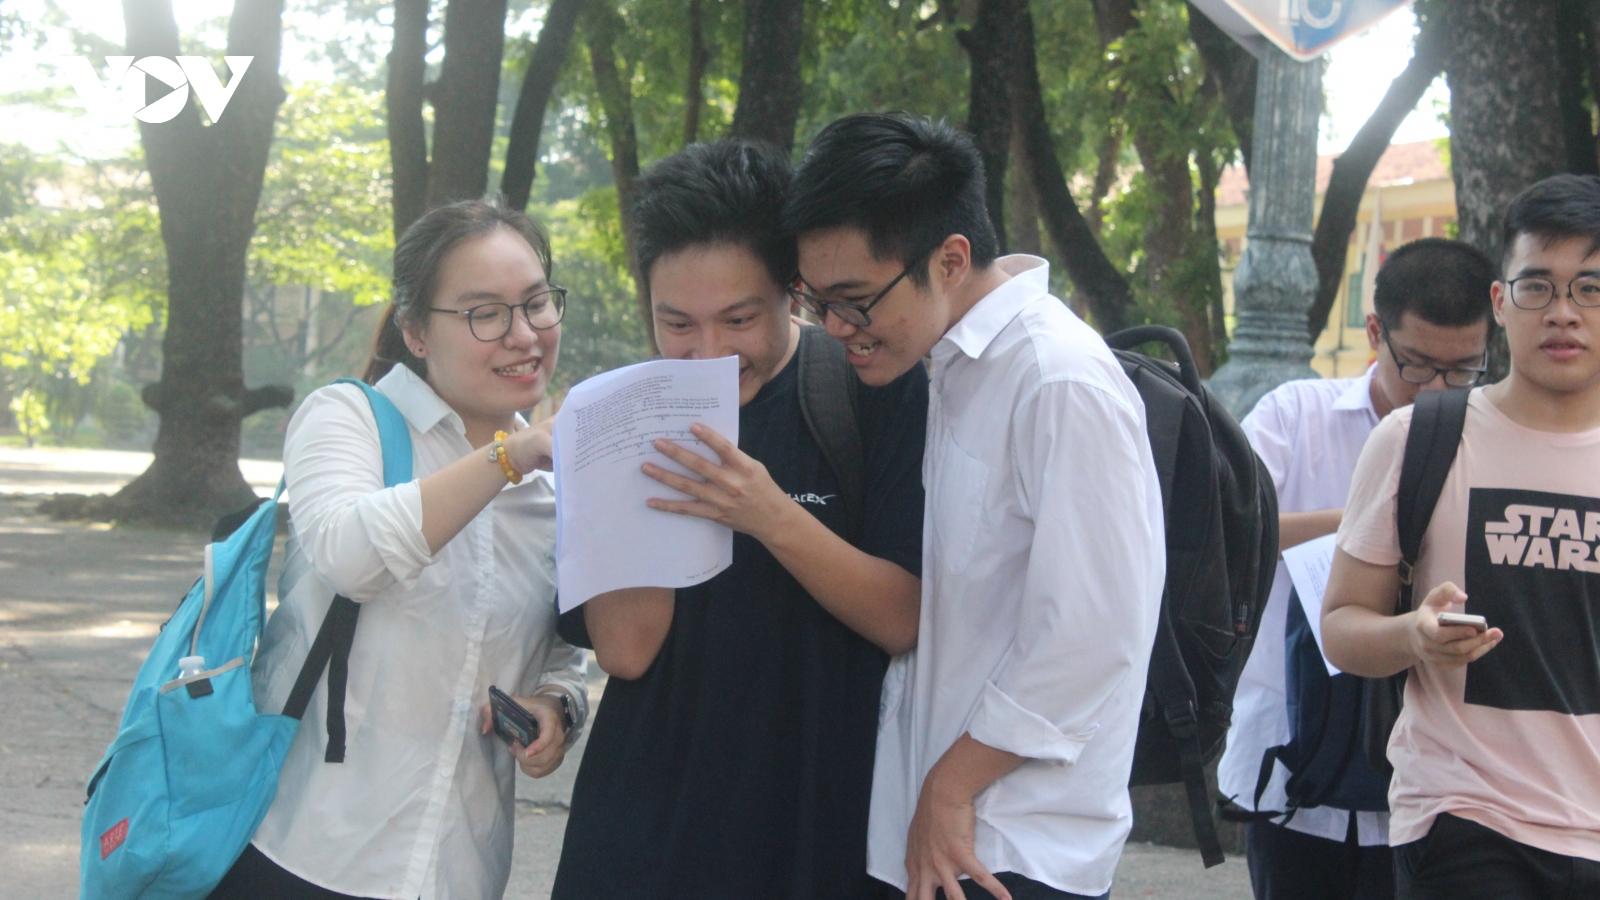 Hơn 40% thí sinh đạt điểm dưới trung bình môn tiếng Anh trong kỳ thi tốt nghiệp THPT đợt 1